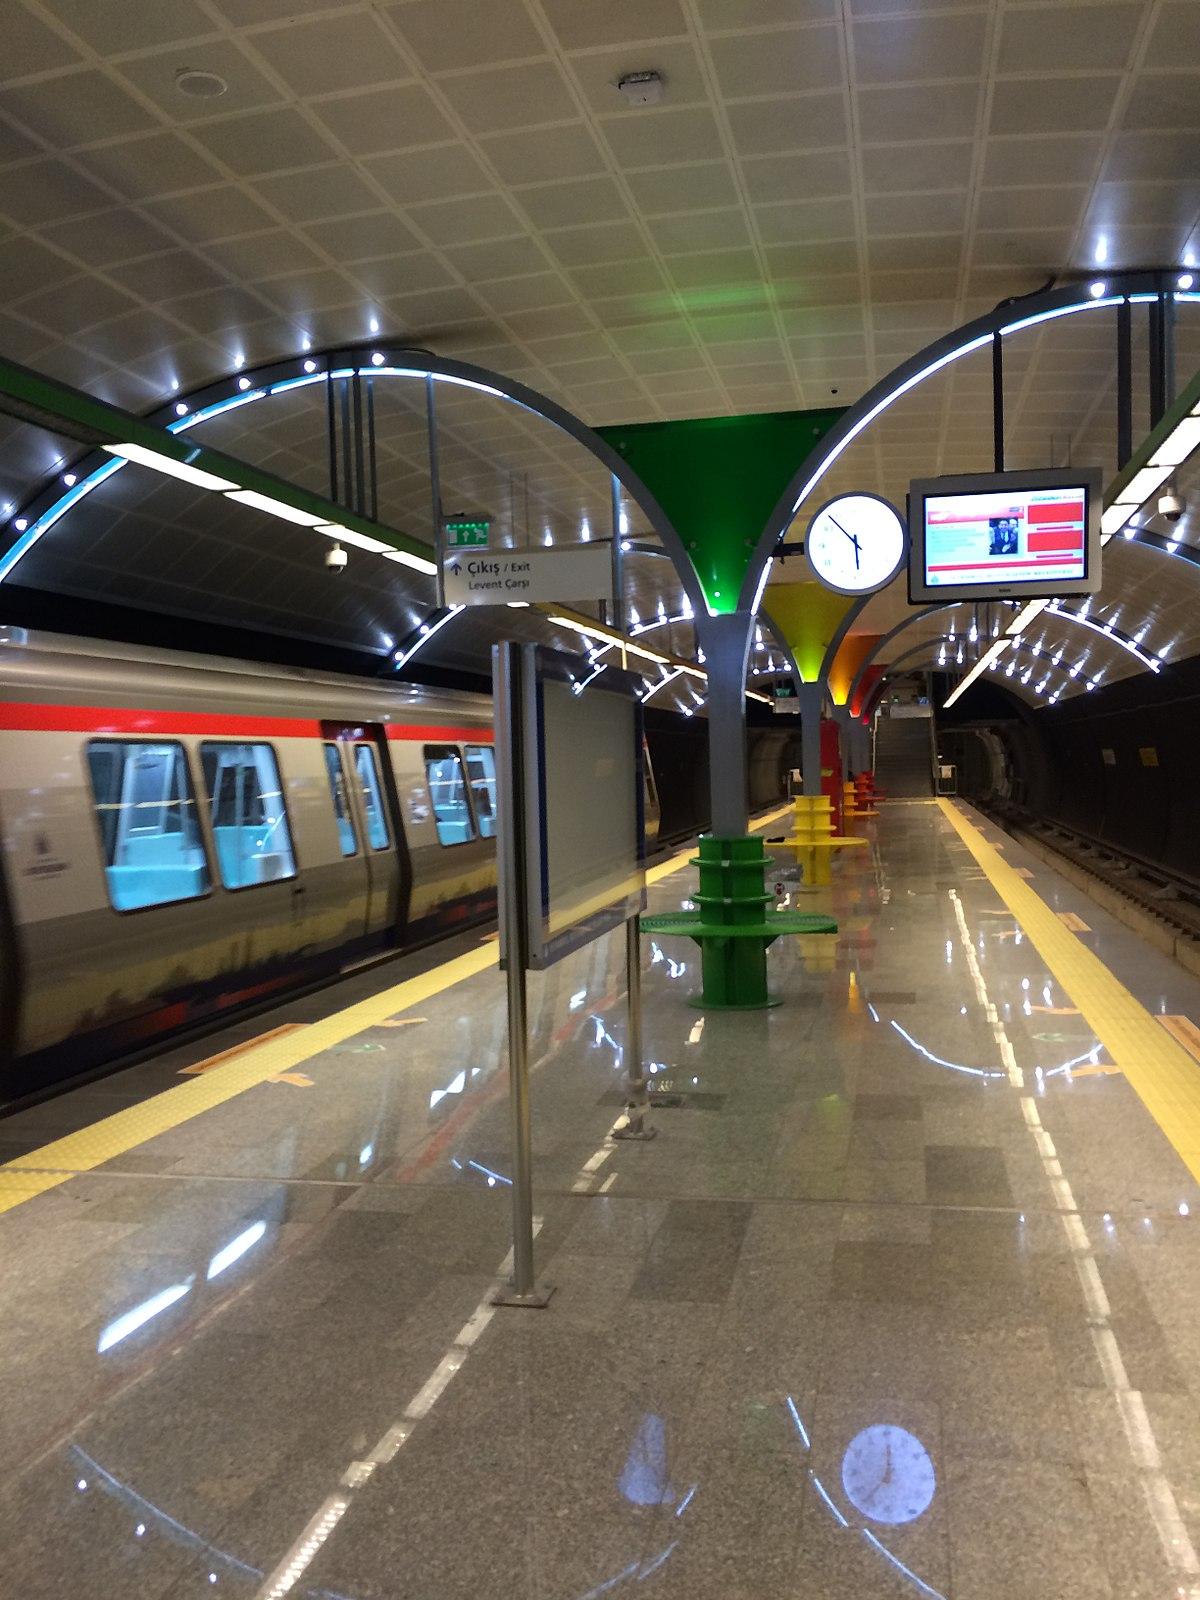 M6 (Istanbul Metro) - Wikipedia